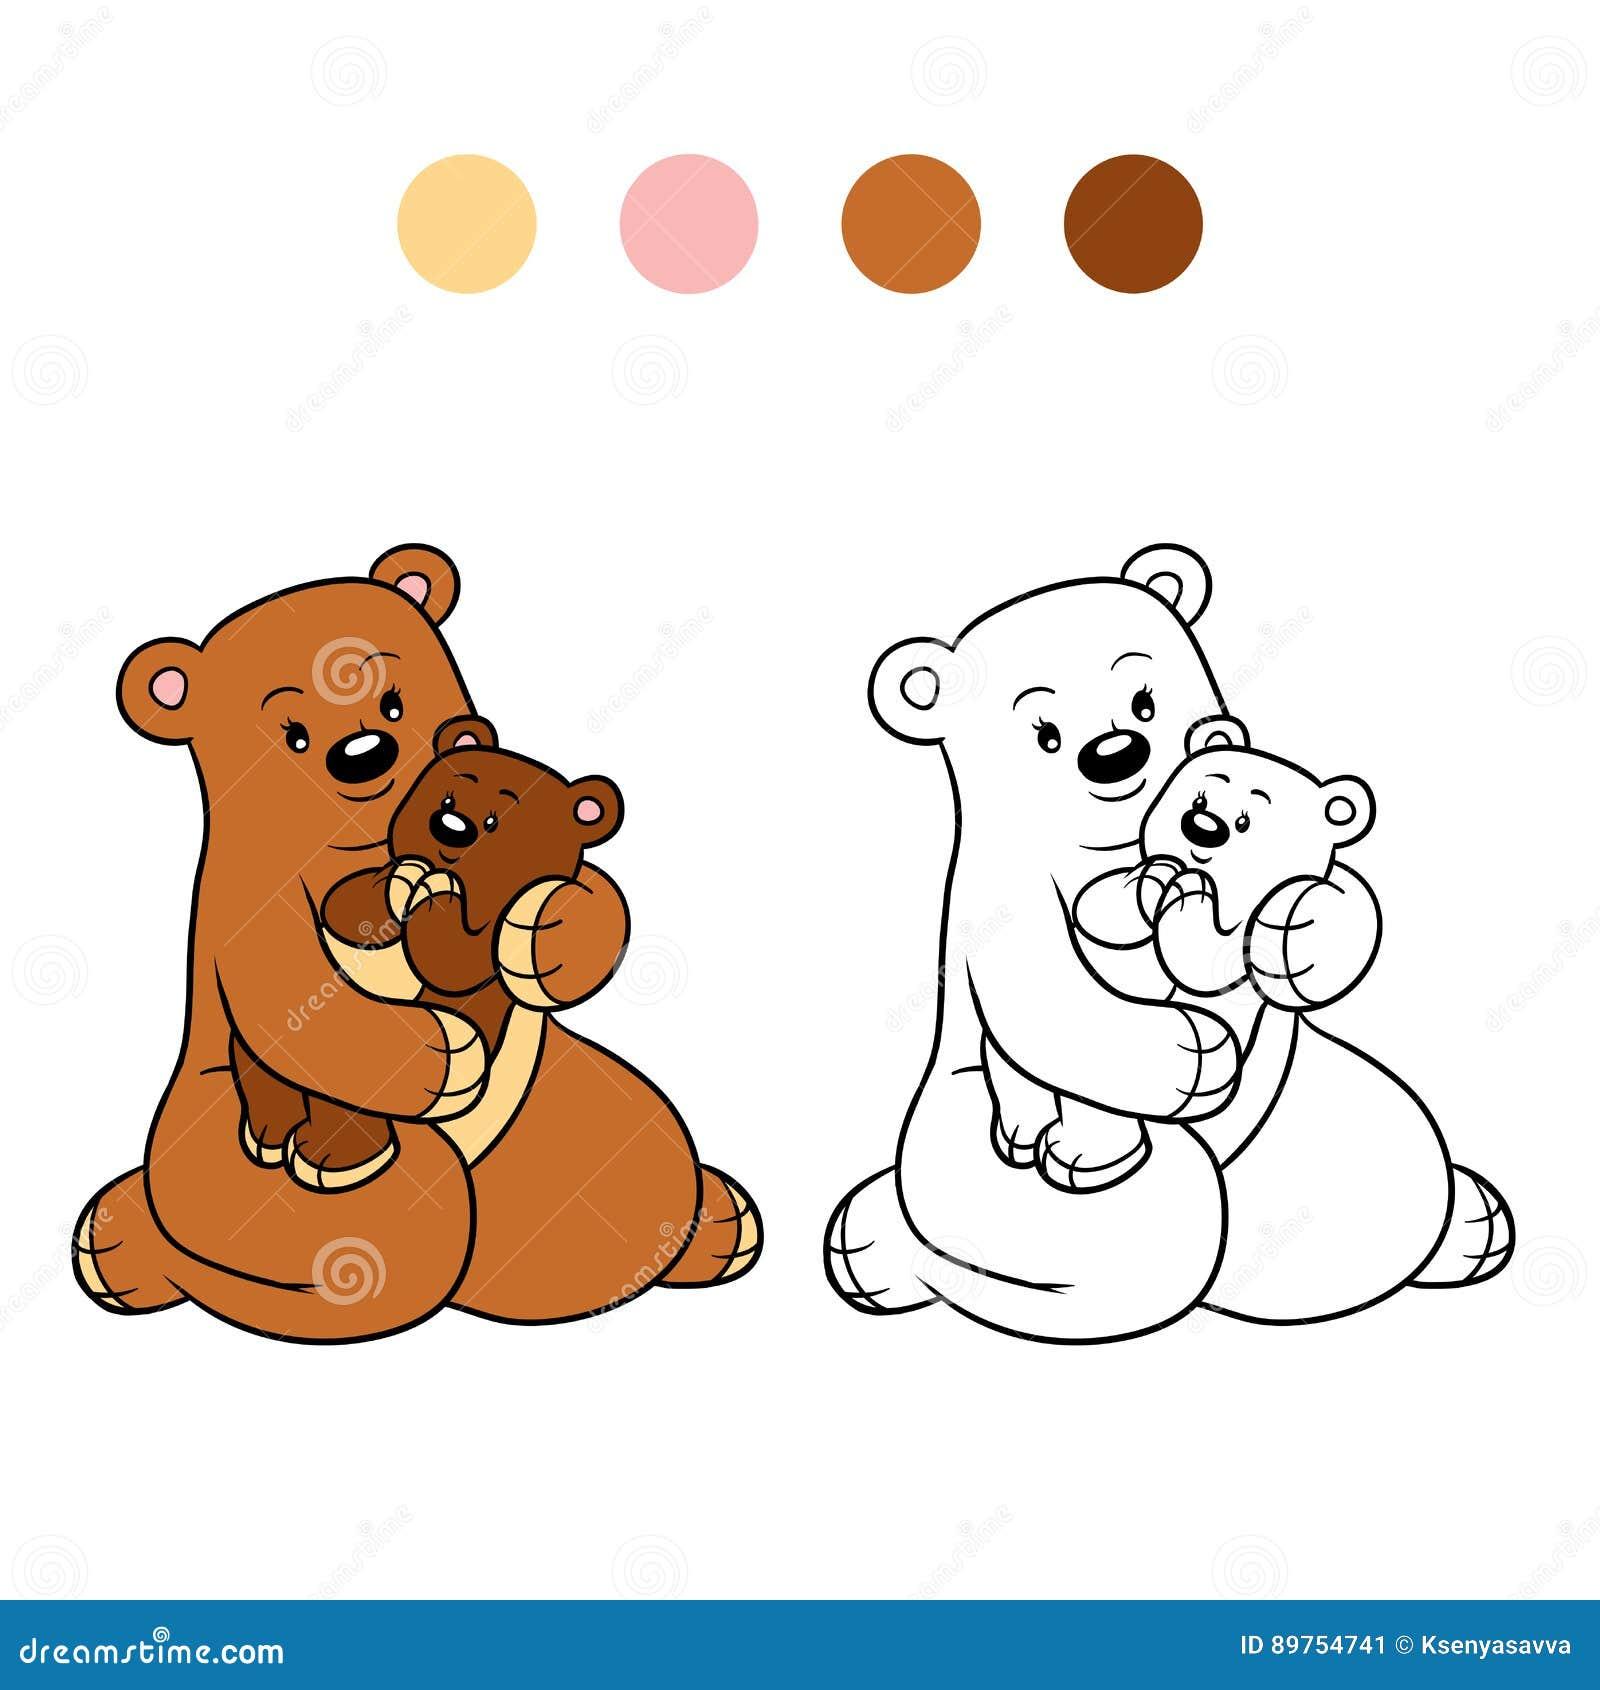 Coloriage Famille Ours.Livre De Coloriage Pour Des Enfants Famille Des Ours